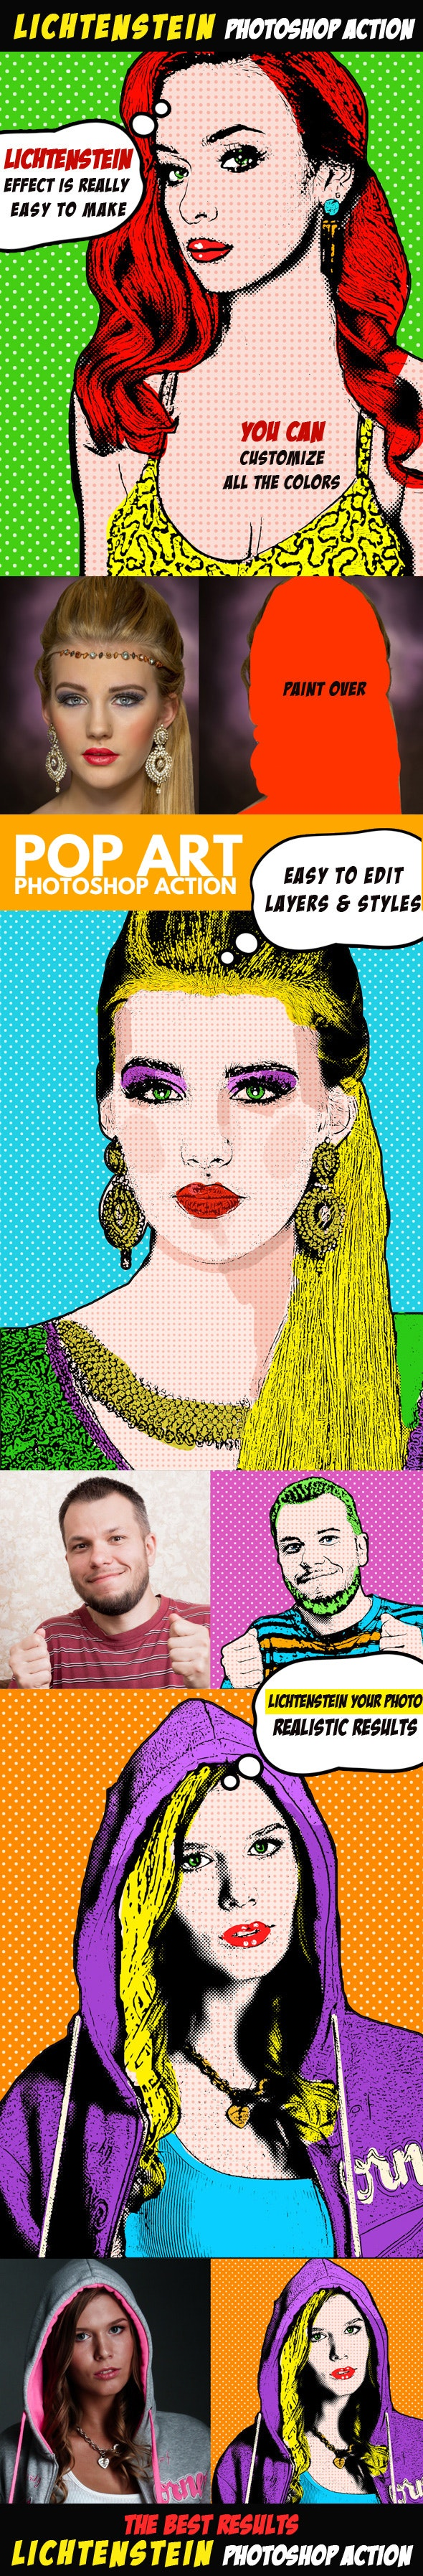 Pop Art Photoshop Action (Lichtenstein Effect) - Photo Effects Actions